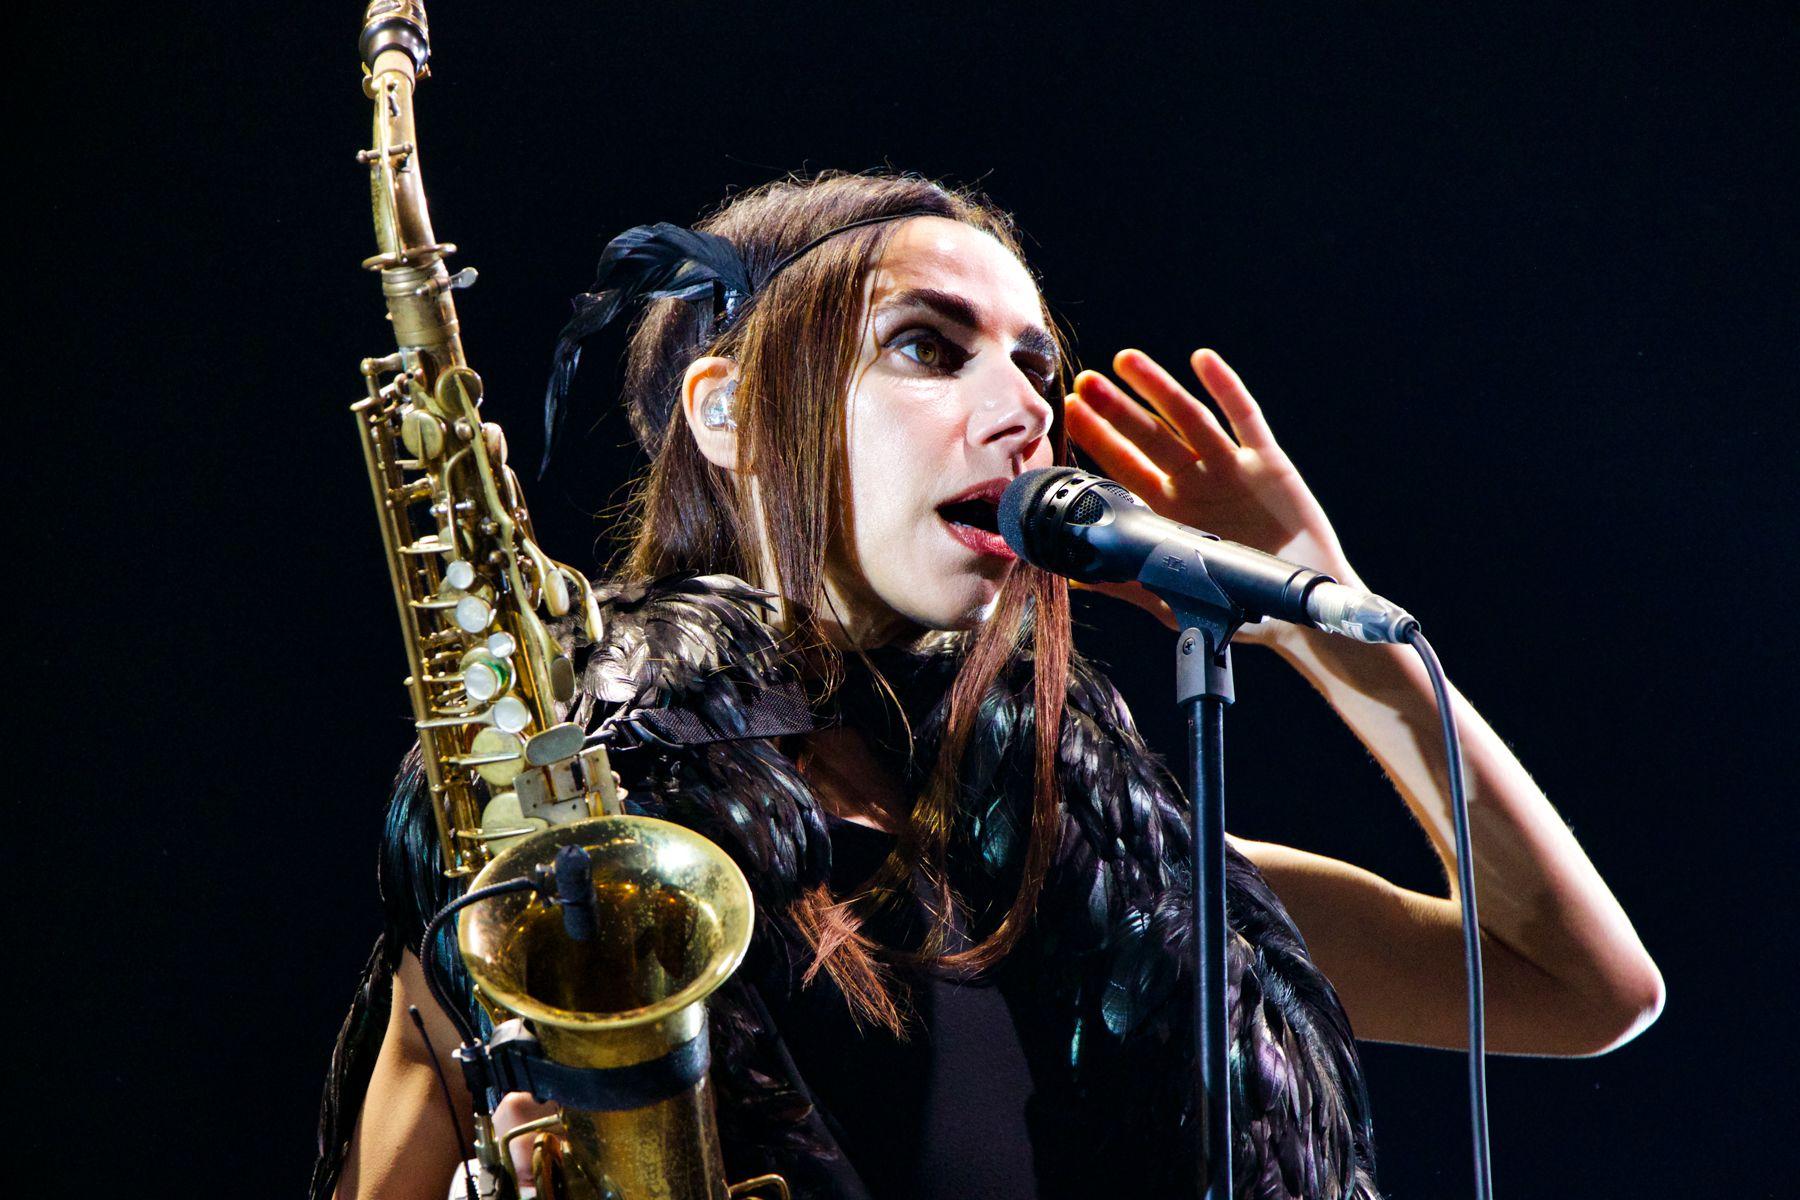 PJ Harvey All About Eve soundtrack